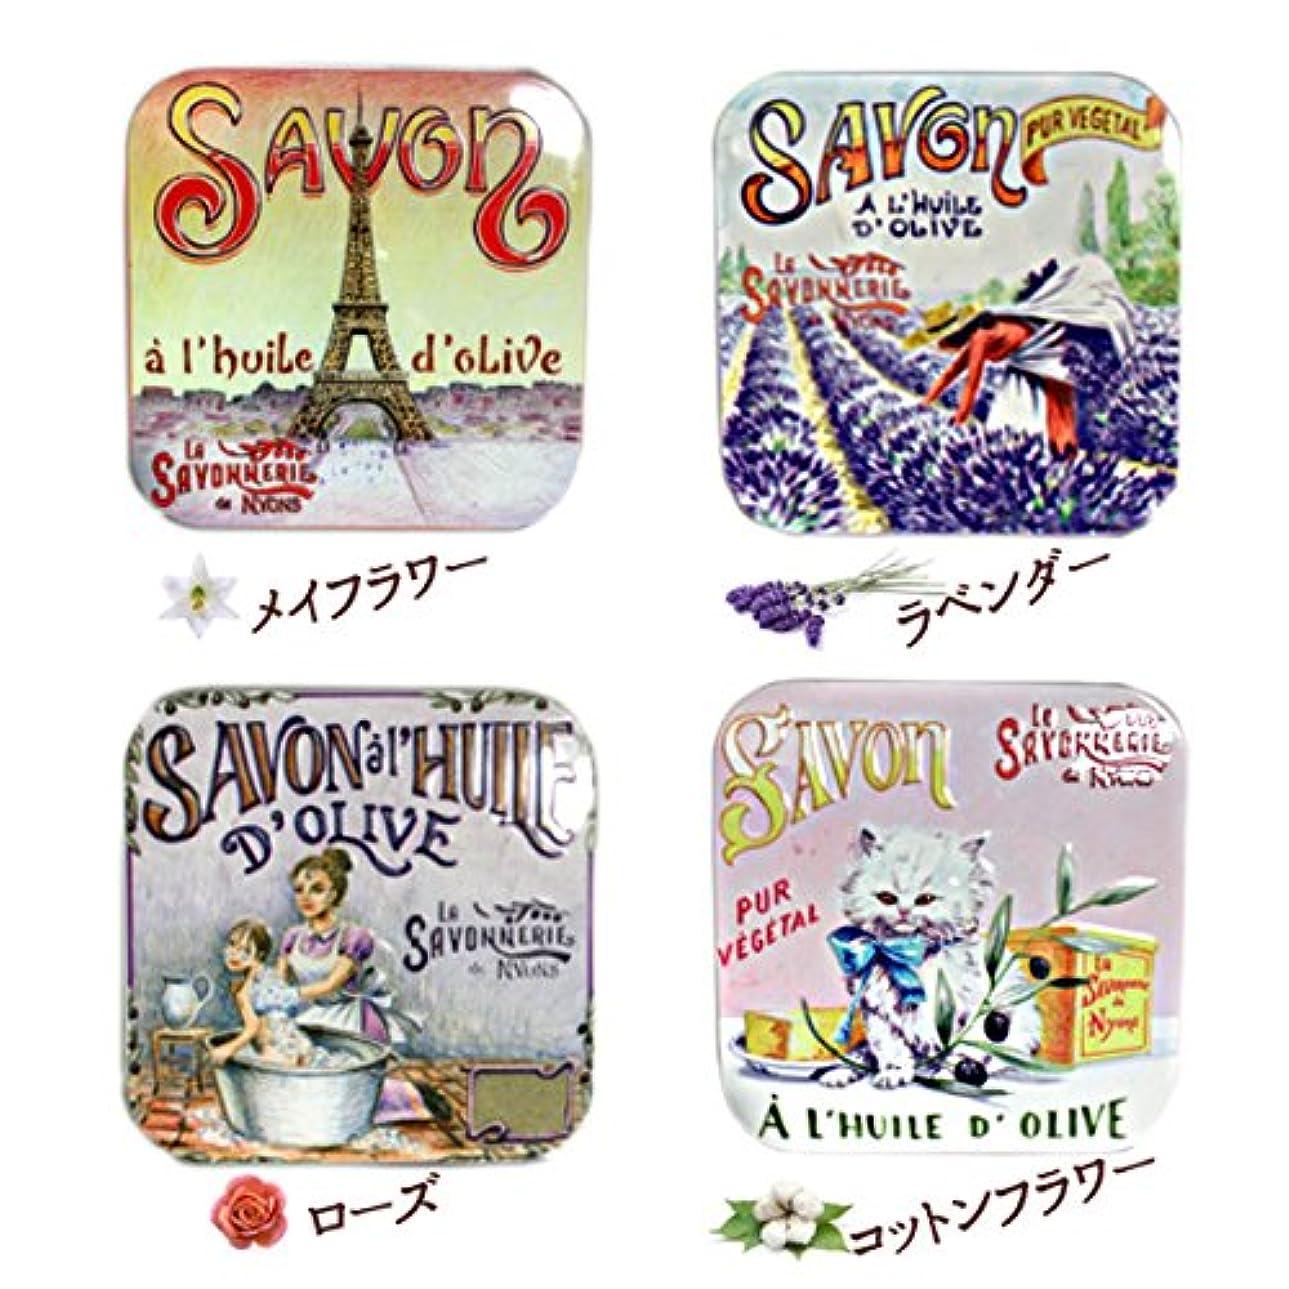 鹿女の子ステンレスラサボネリー アンティーク缶入り石鹸 タイプ100 95g (メイフラワー)